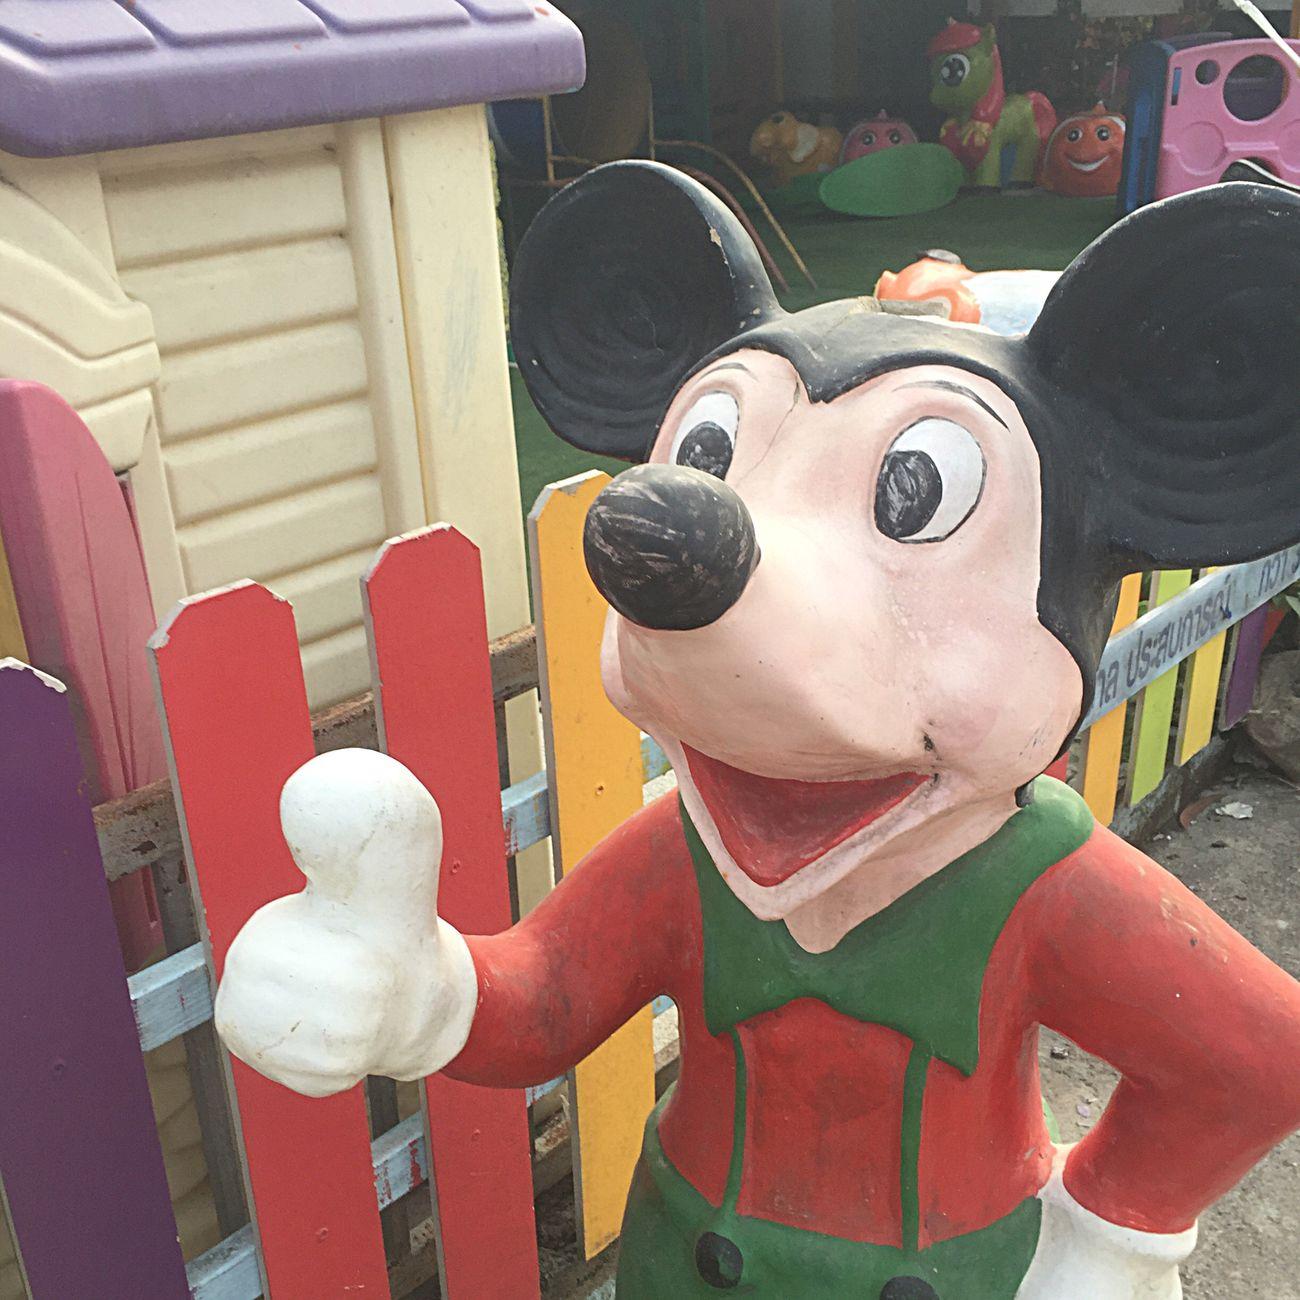 嘘つけ Mickey Mouse Fake Streetphotography Travelingram Kosamui